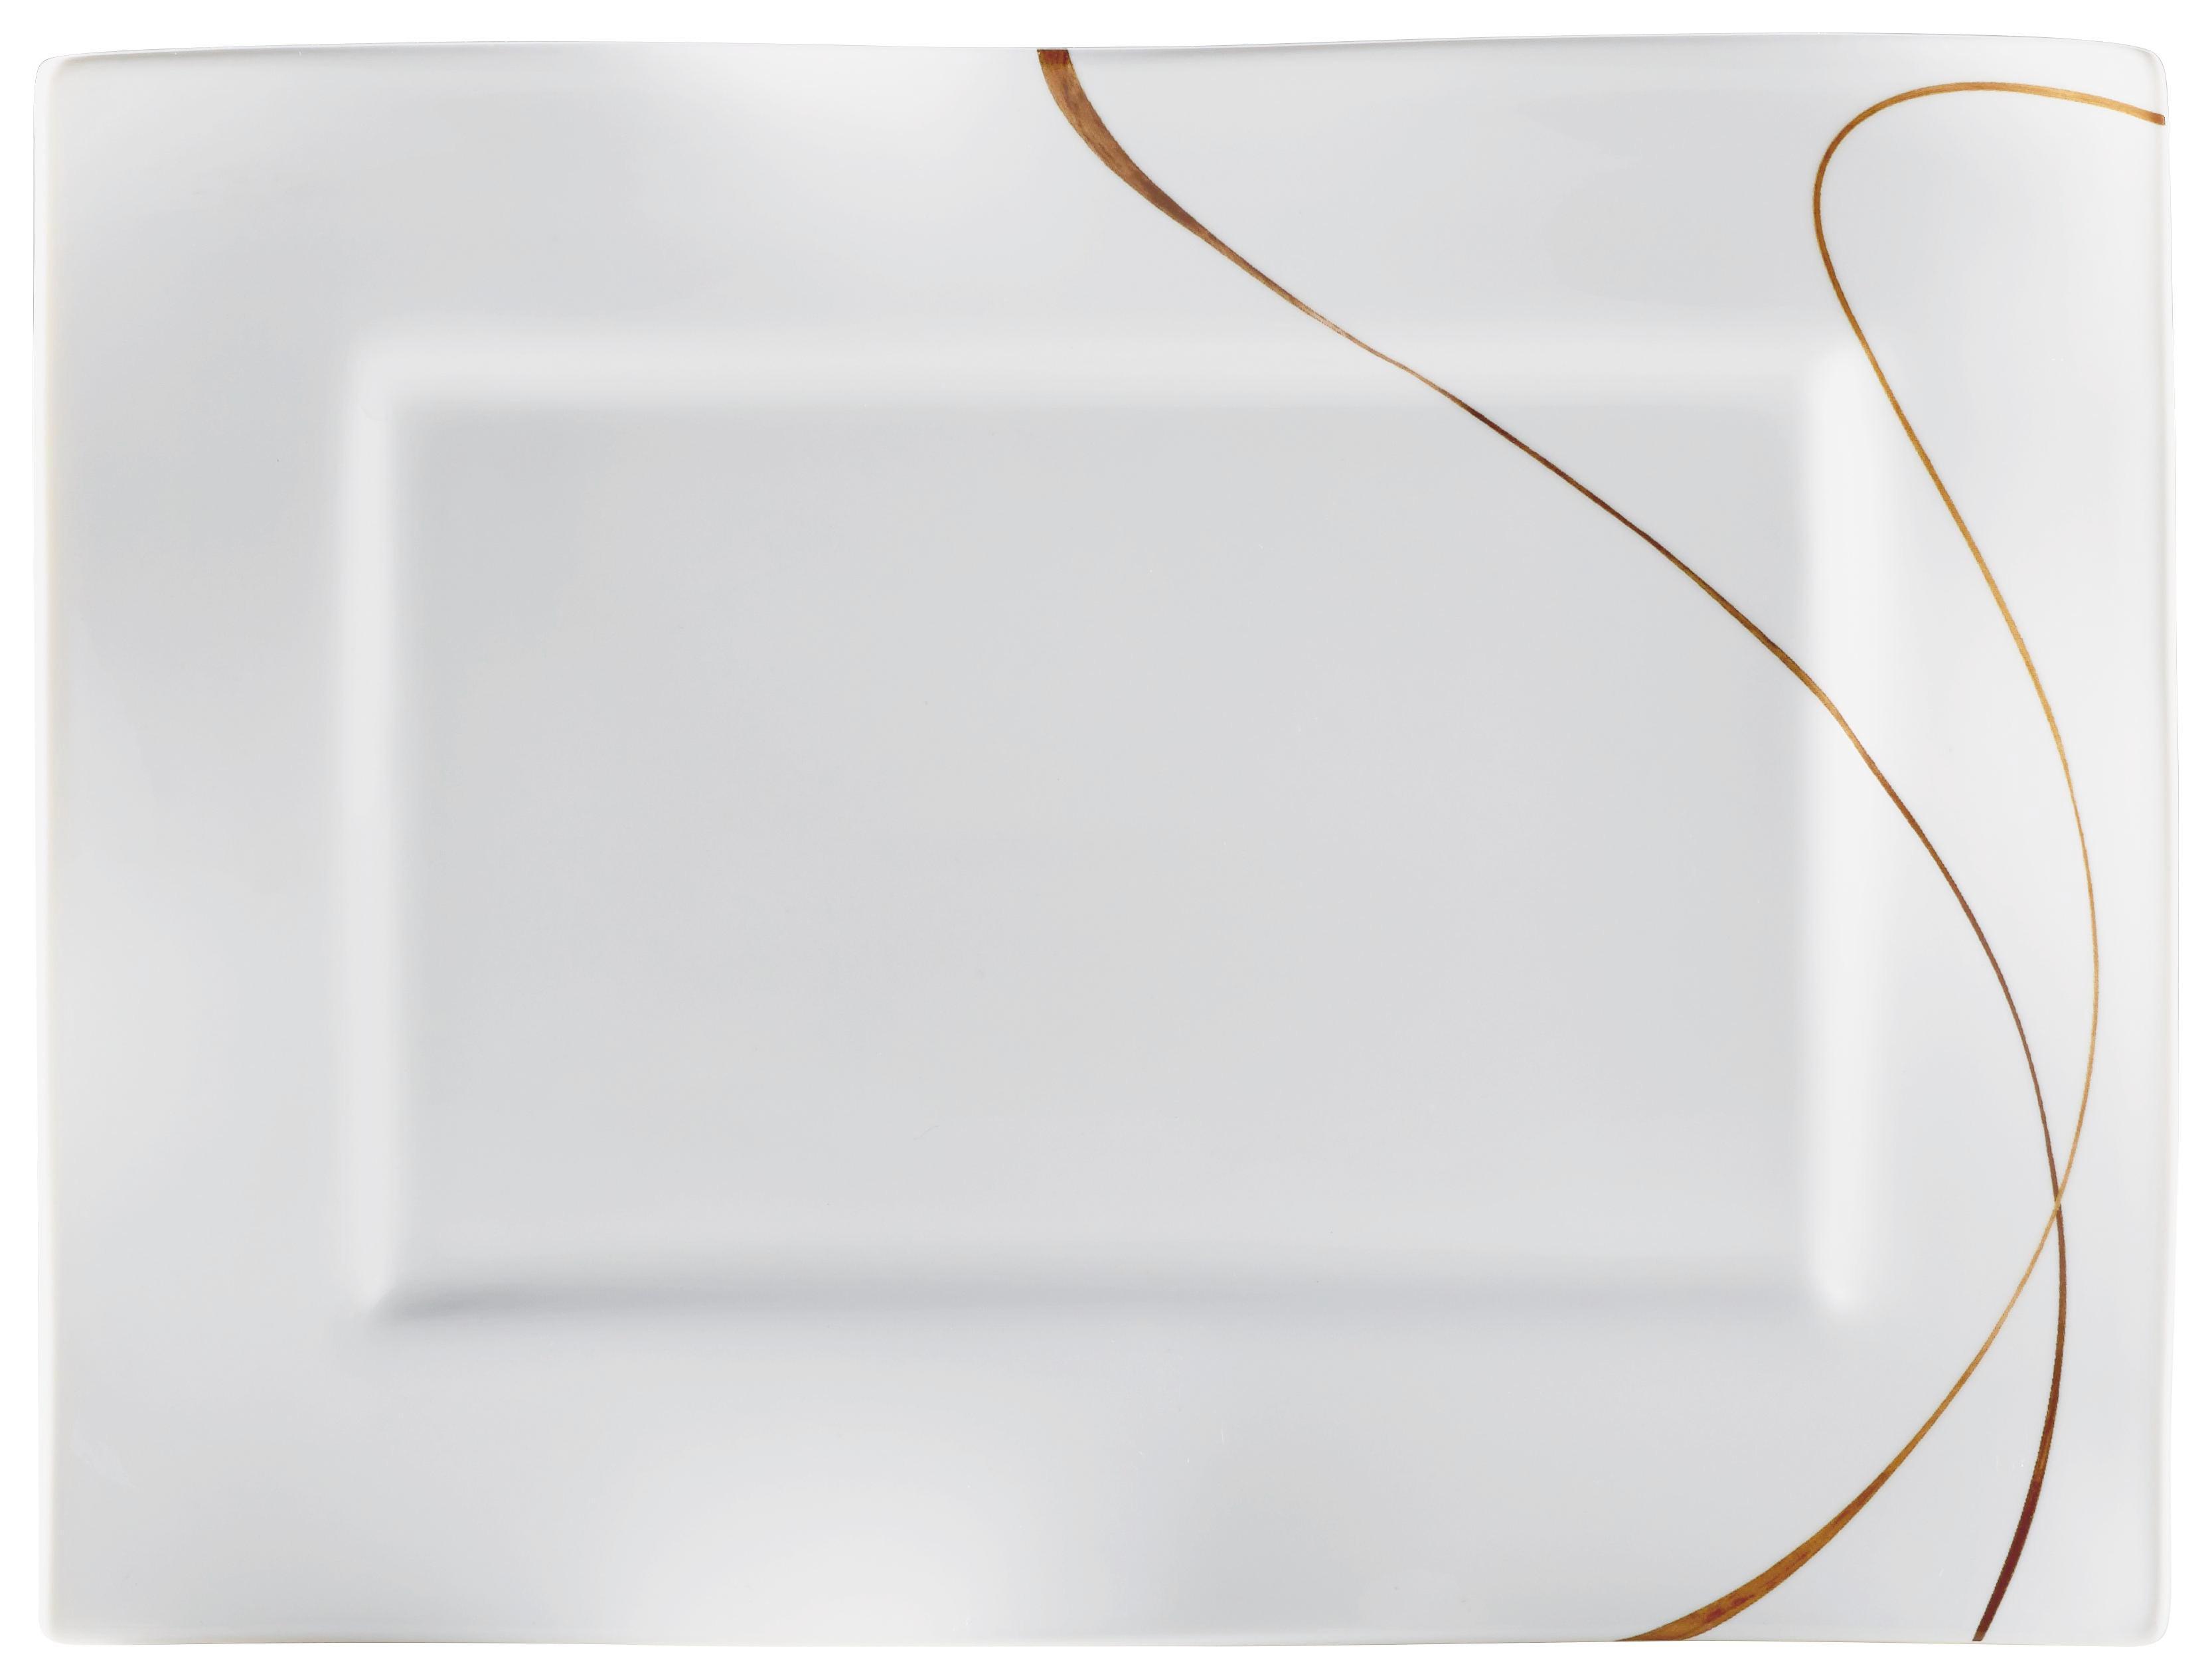 SERVIERPLATTE 25/19/2 cm - Braun/Weiß, Keramik (25/19/2cm) - RITZENHOFF BREKER